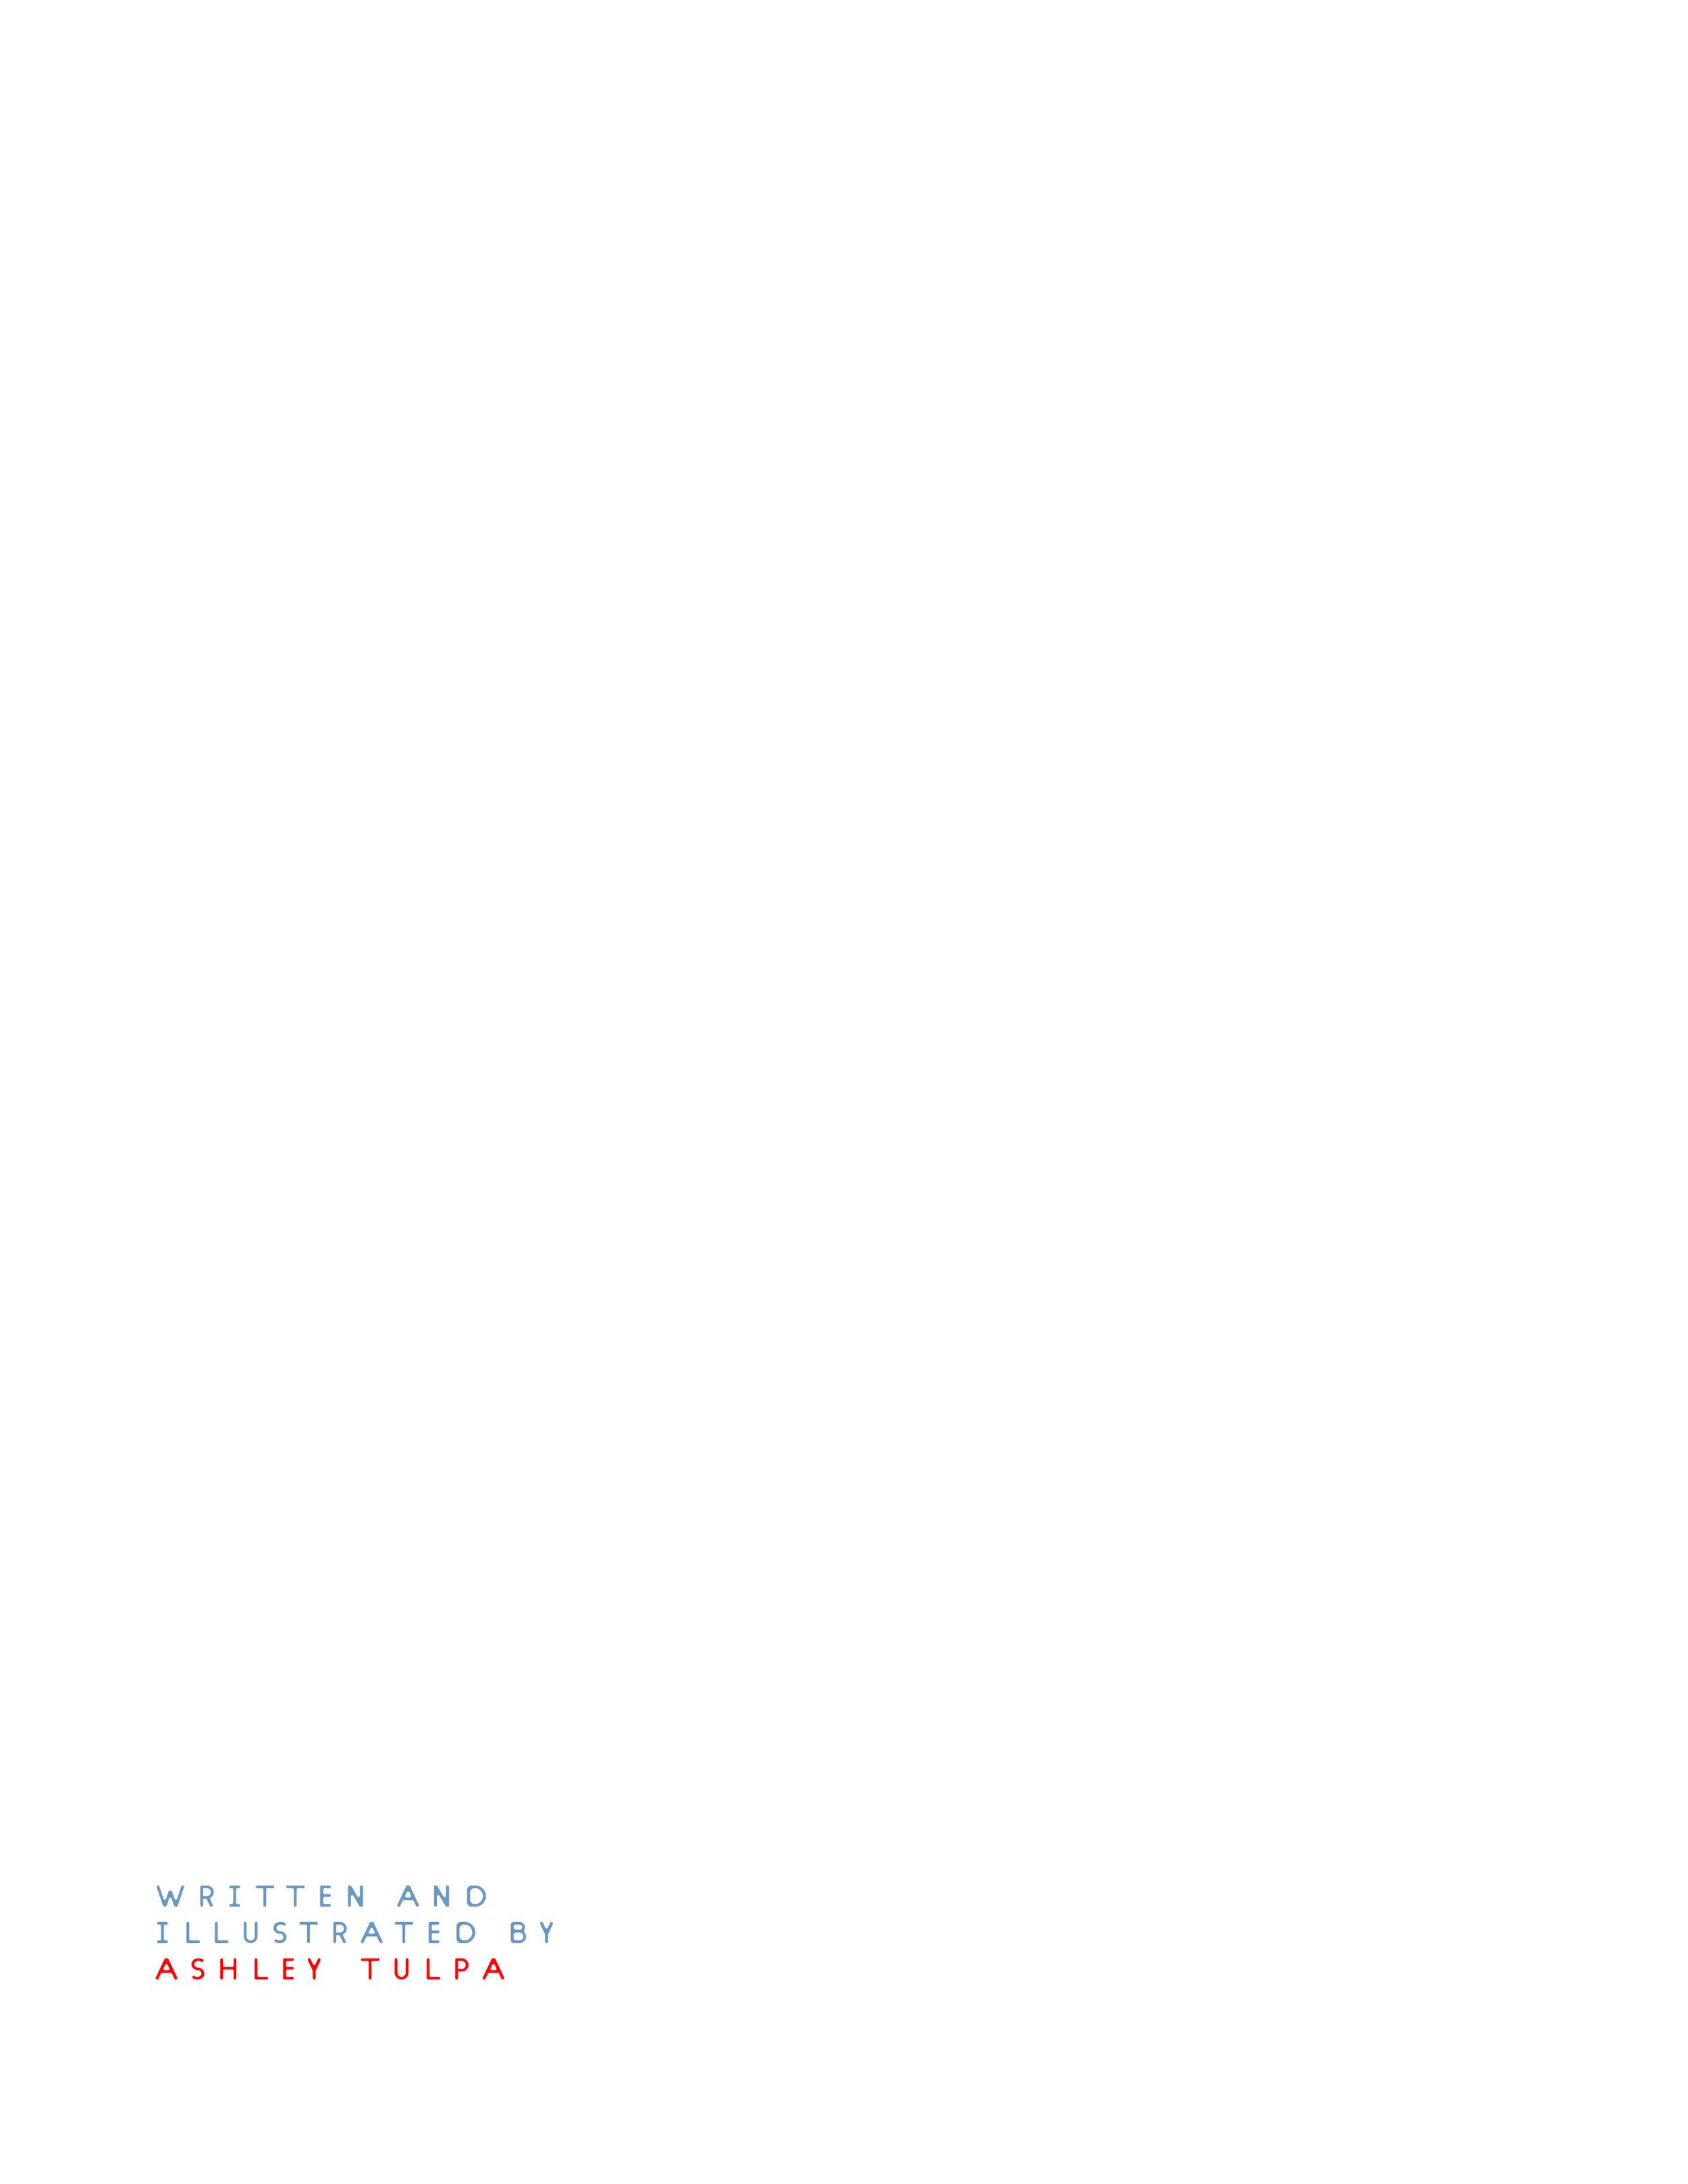 manifesto_v3-pages-cropmarks2.jpg